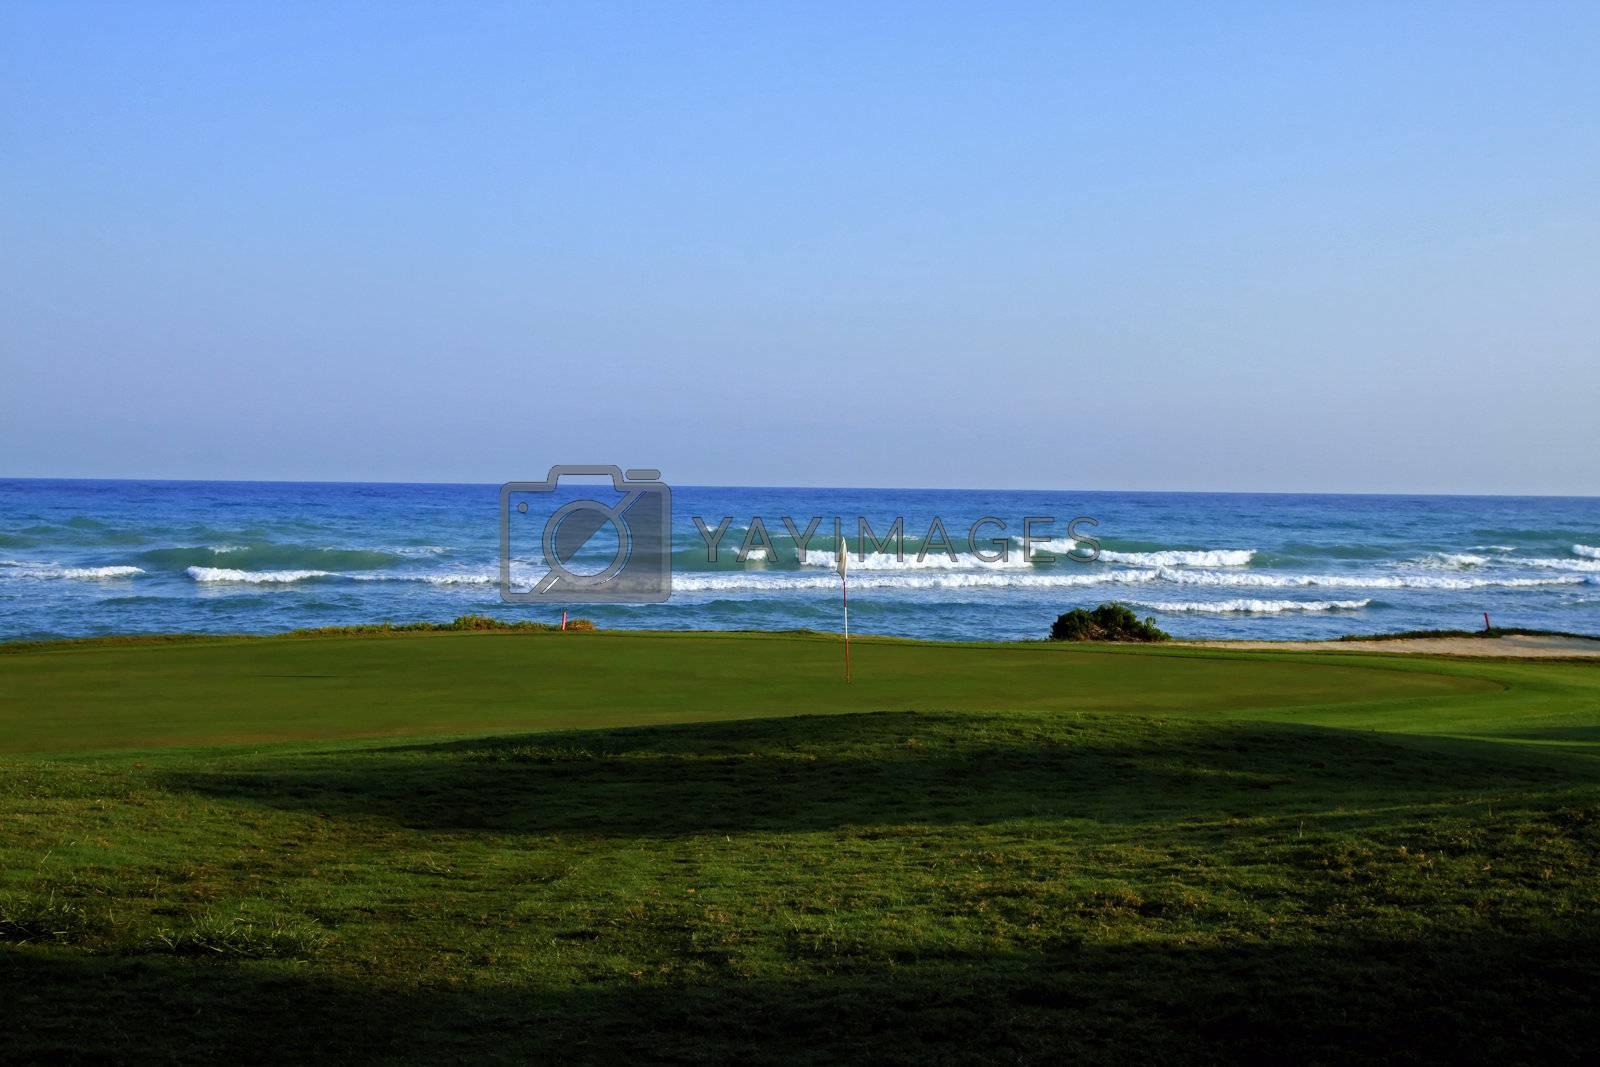 Golf course on a tropical coast sunny